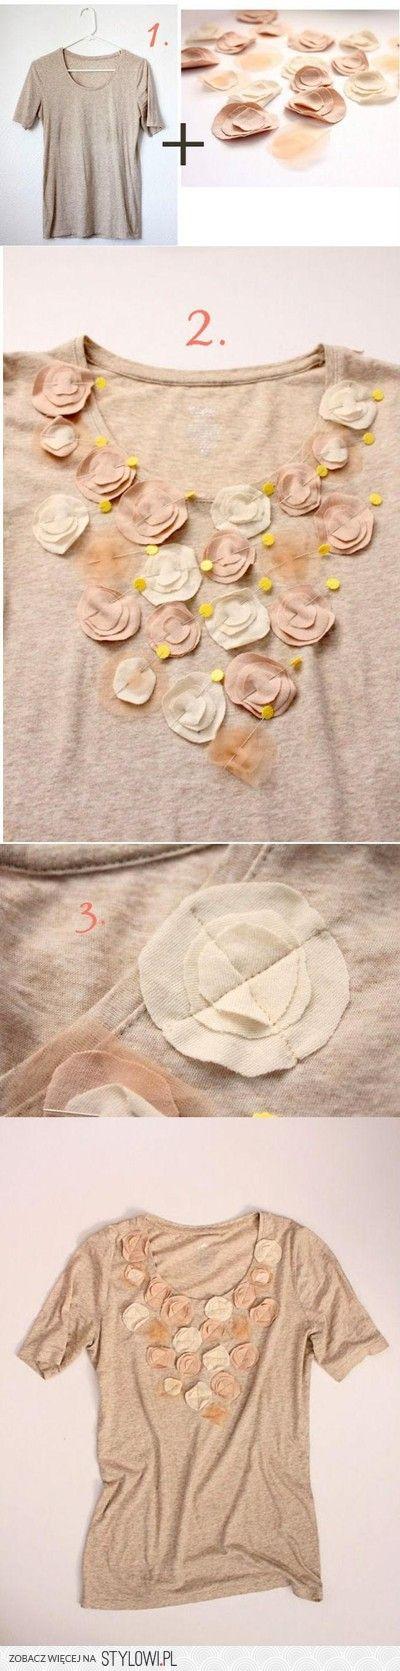 Przeróbki ubrań - DIY - inspiracje! CZĘŚĆ 1